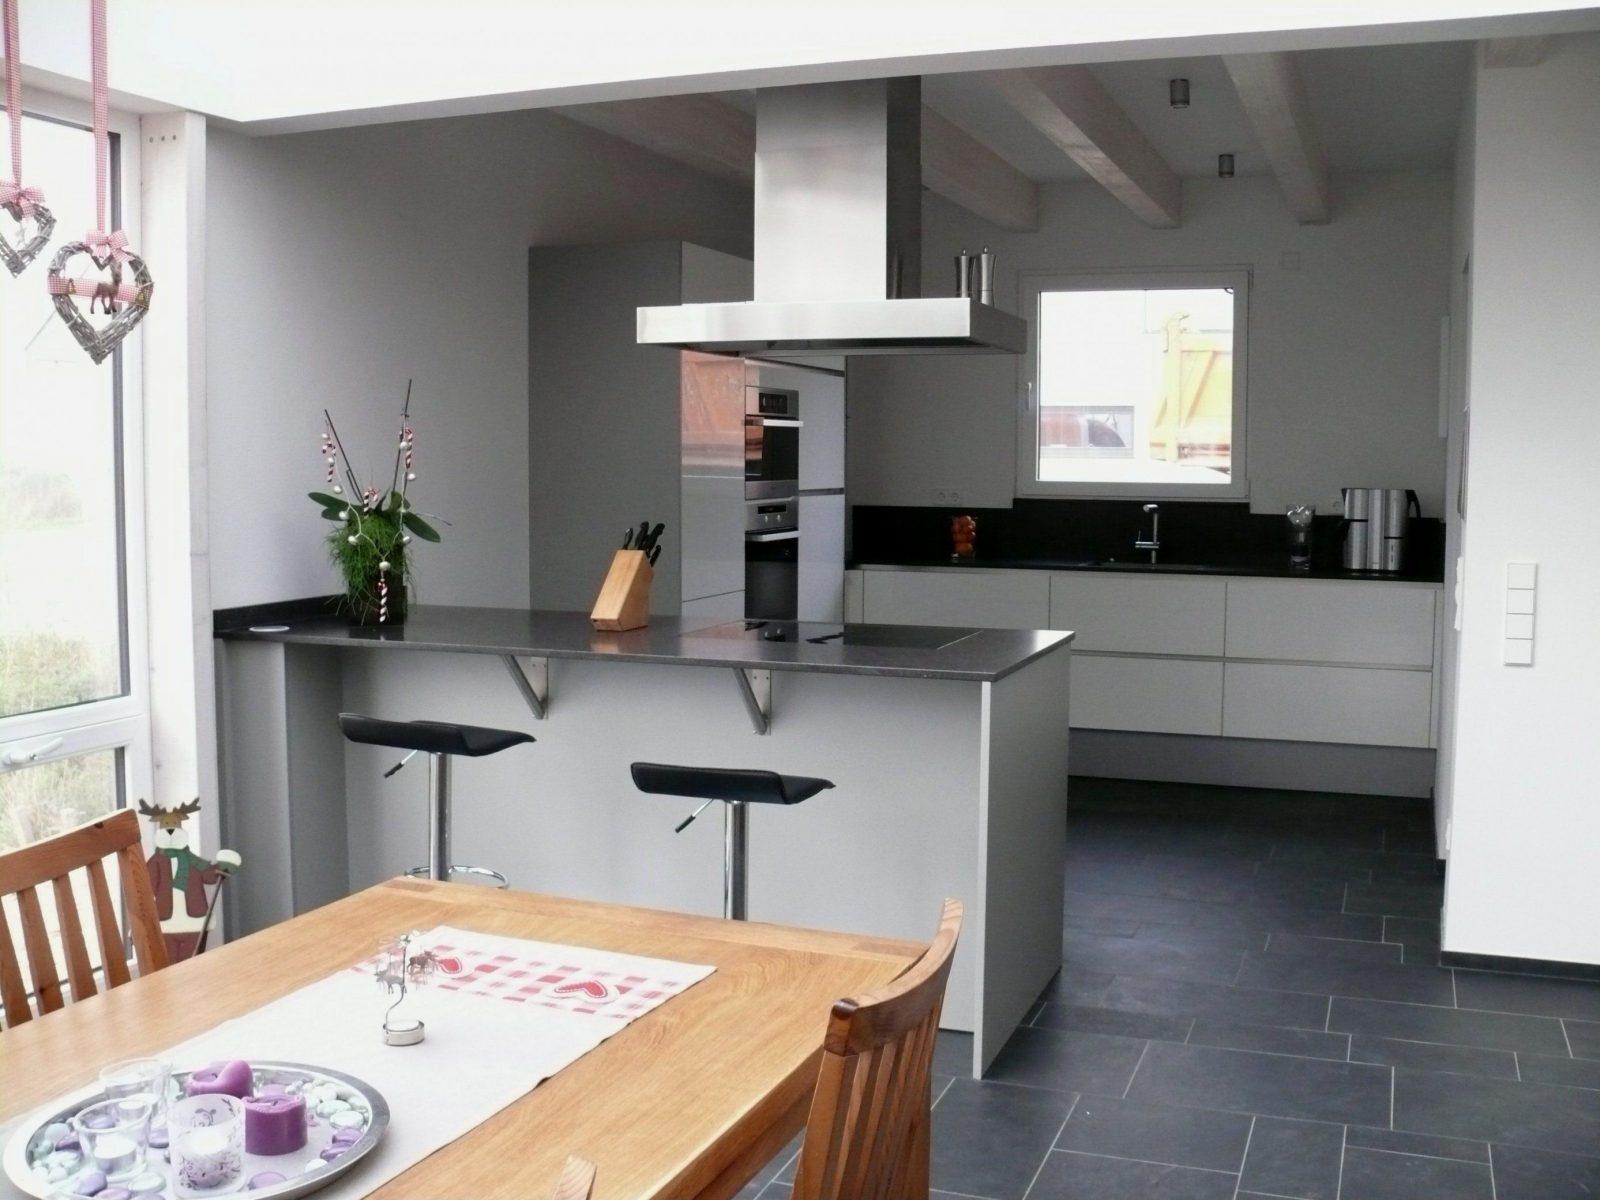 Led Spots Decke Küche Schön Résultat Supérieur 60 Merveilleux Lampe von Led Spots Decke Küche Bild